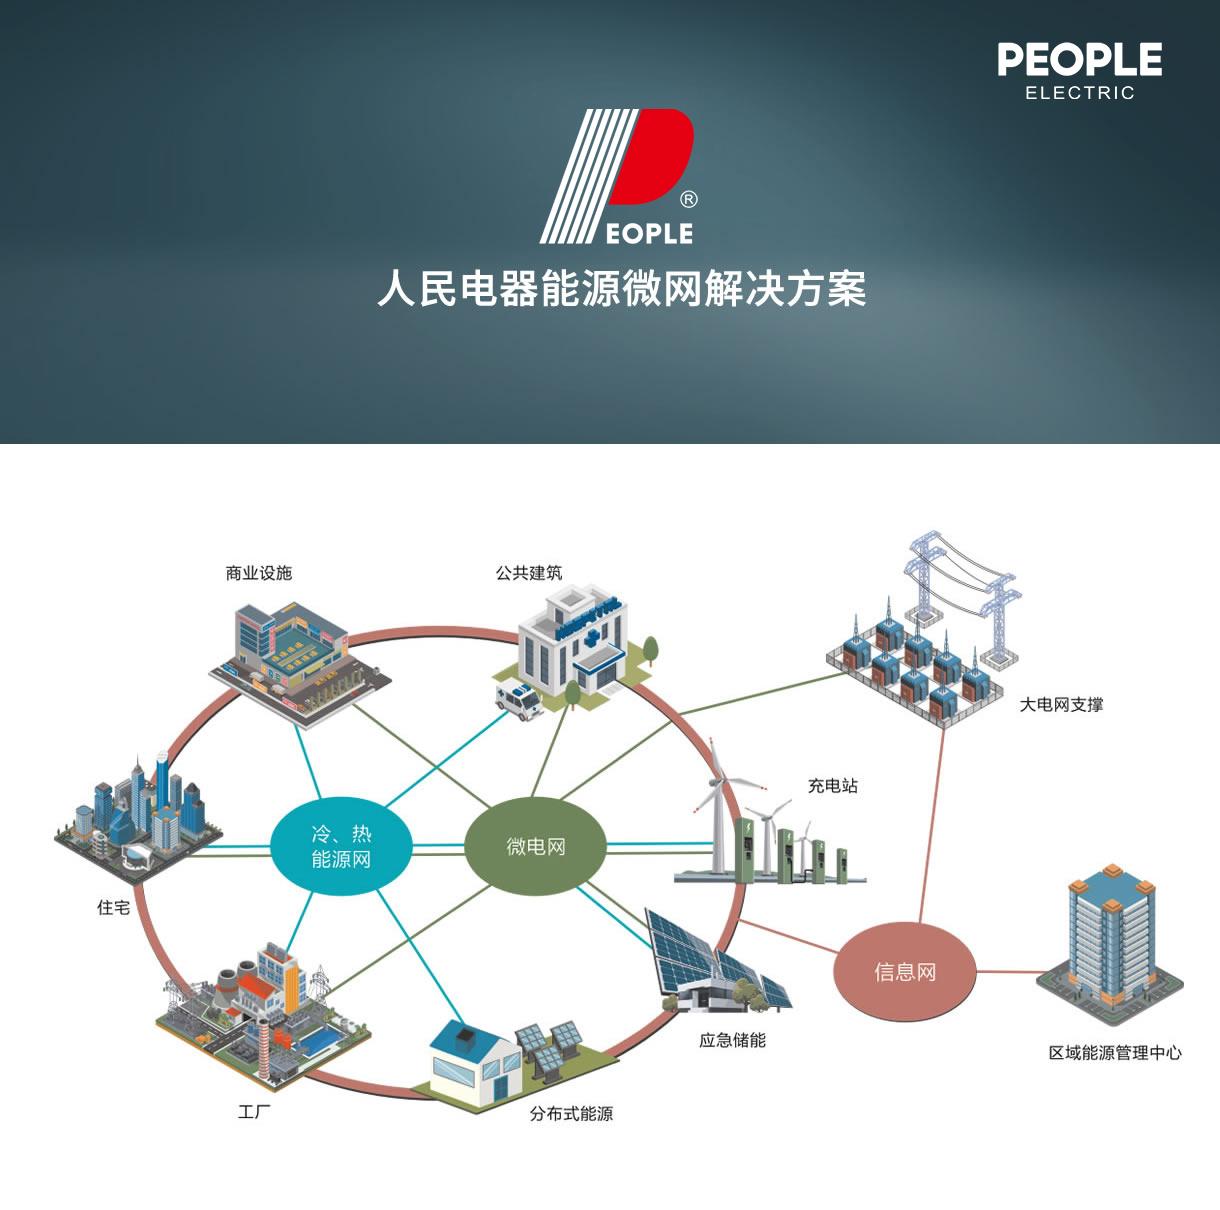 人民电器集团解决方案